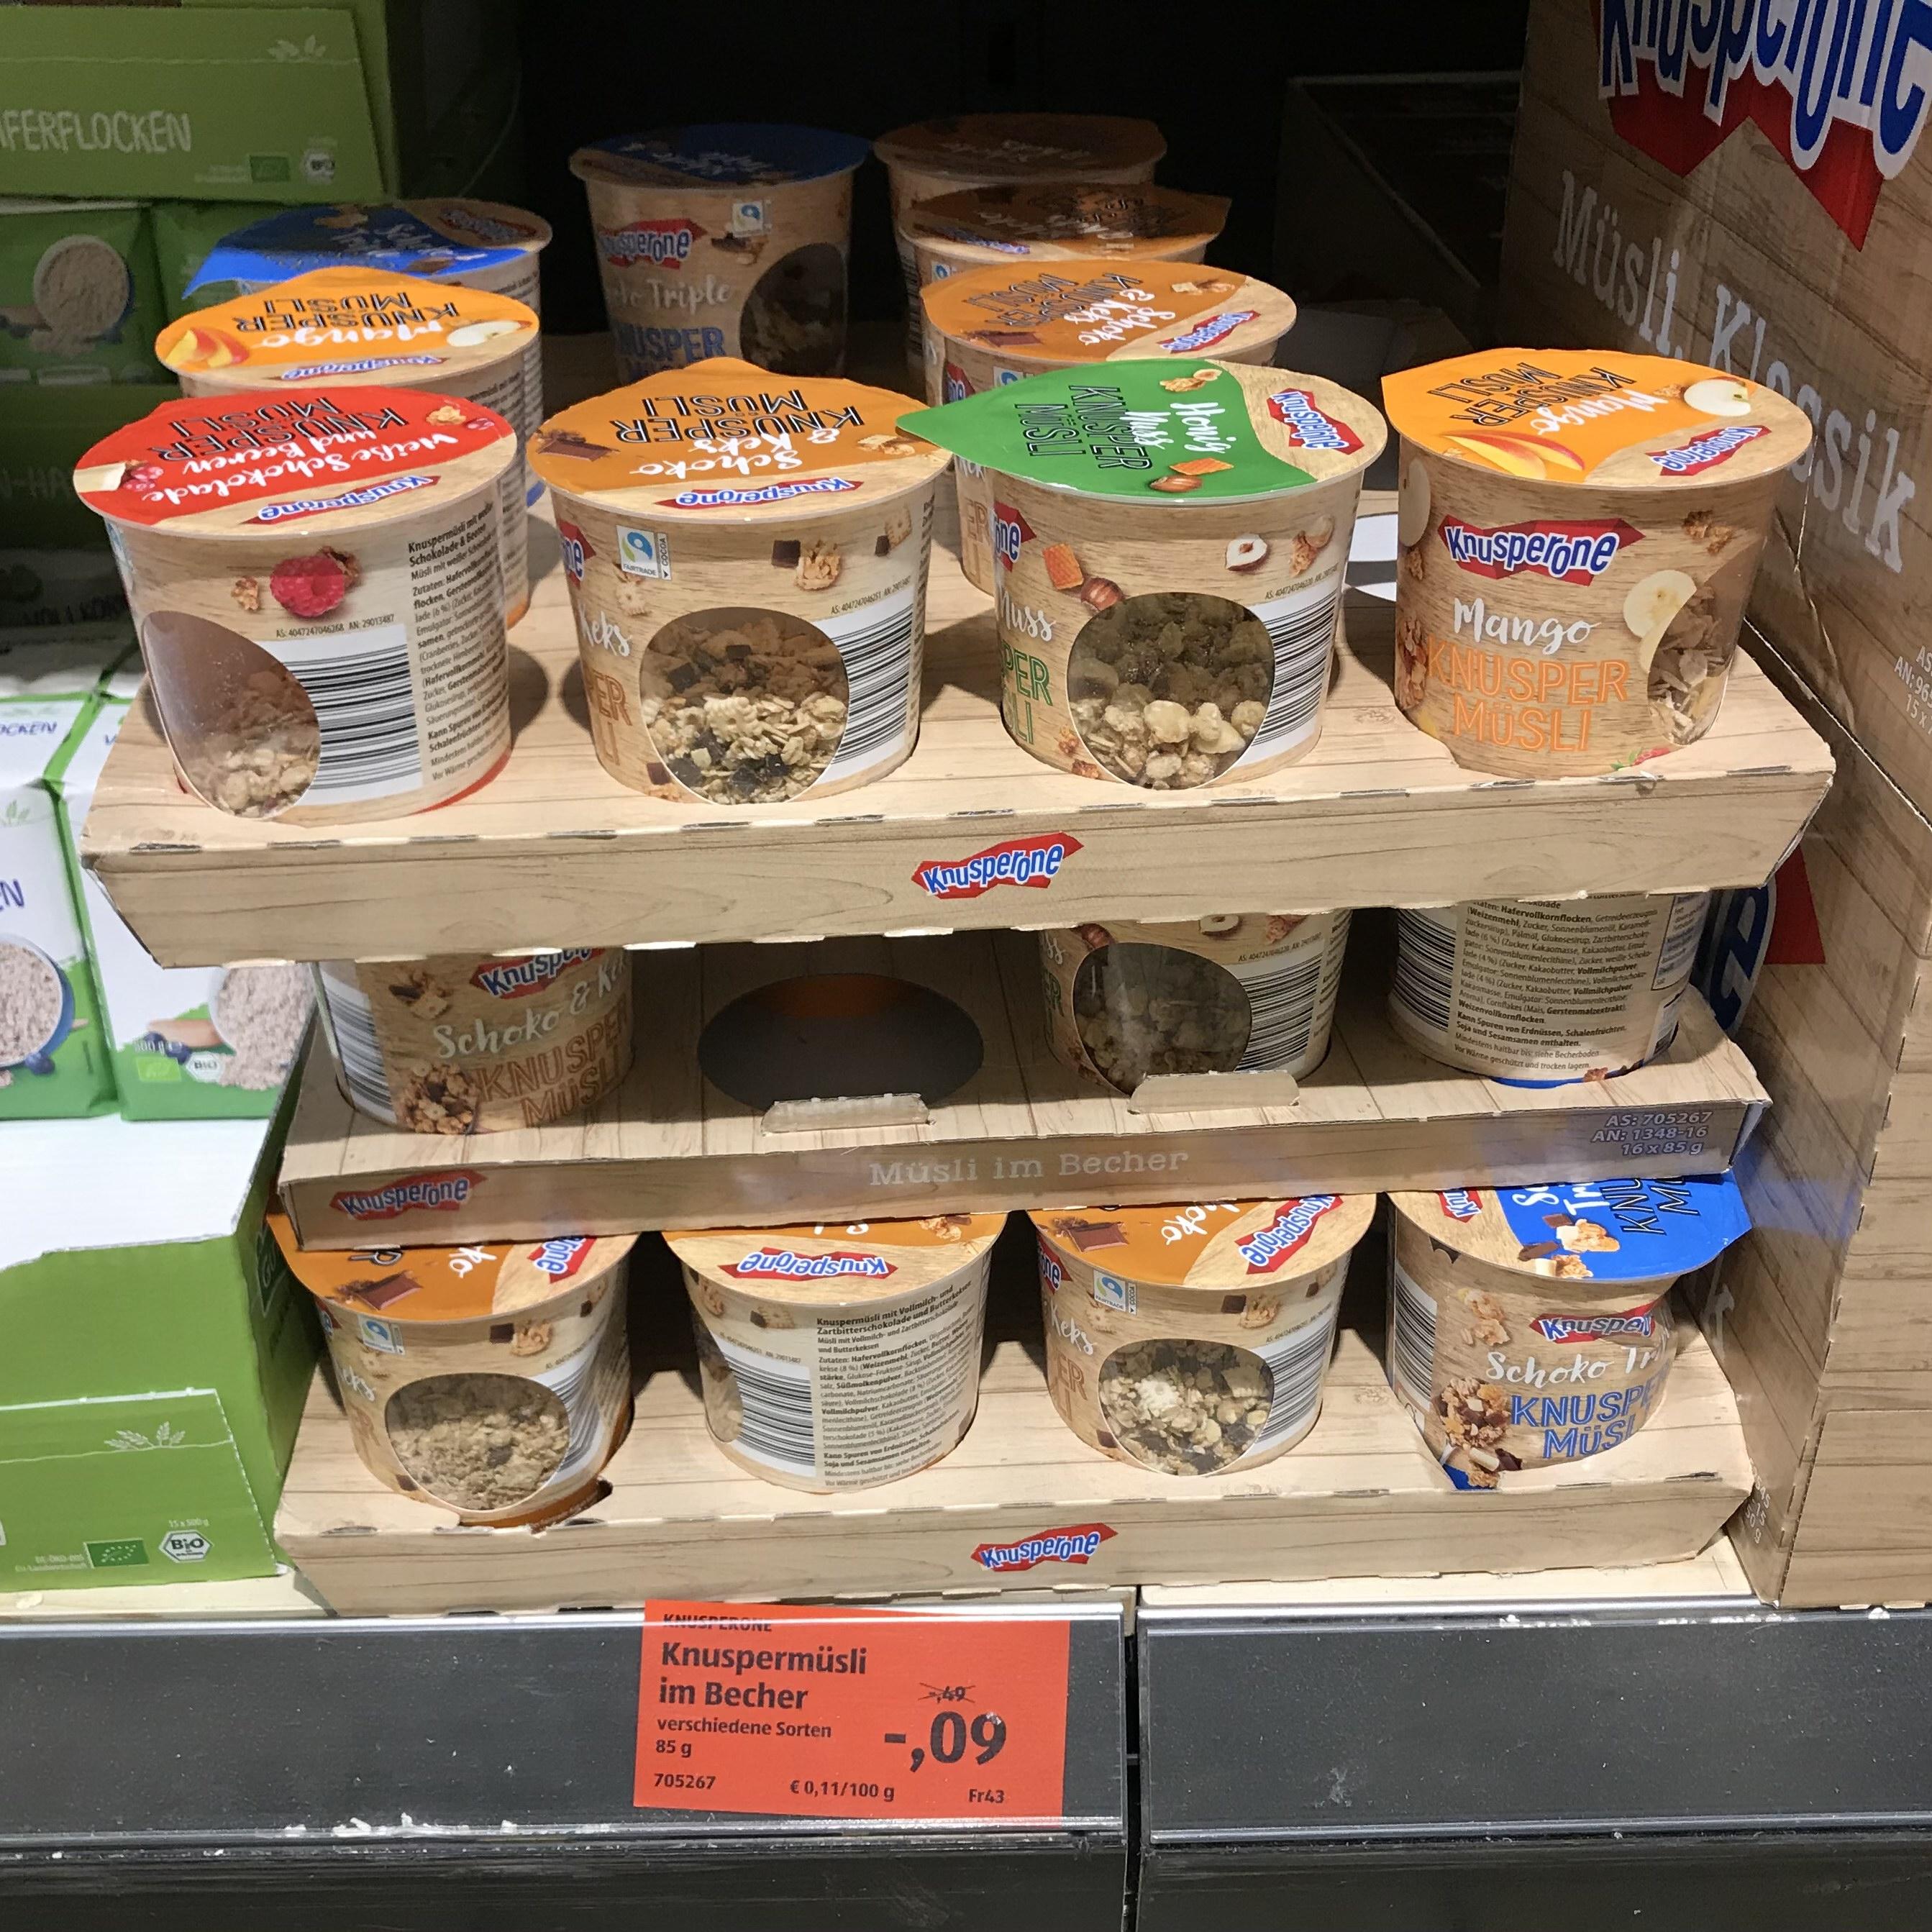 [Lokal Heidelberg] Knusperone Knuspermüsli im Becher für 9 Cent